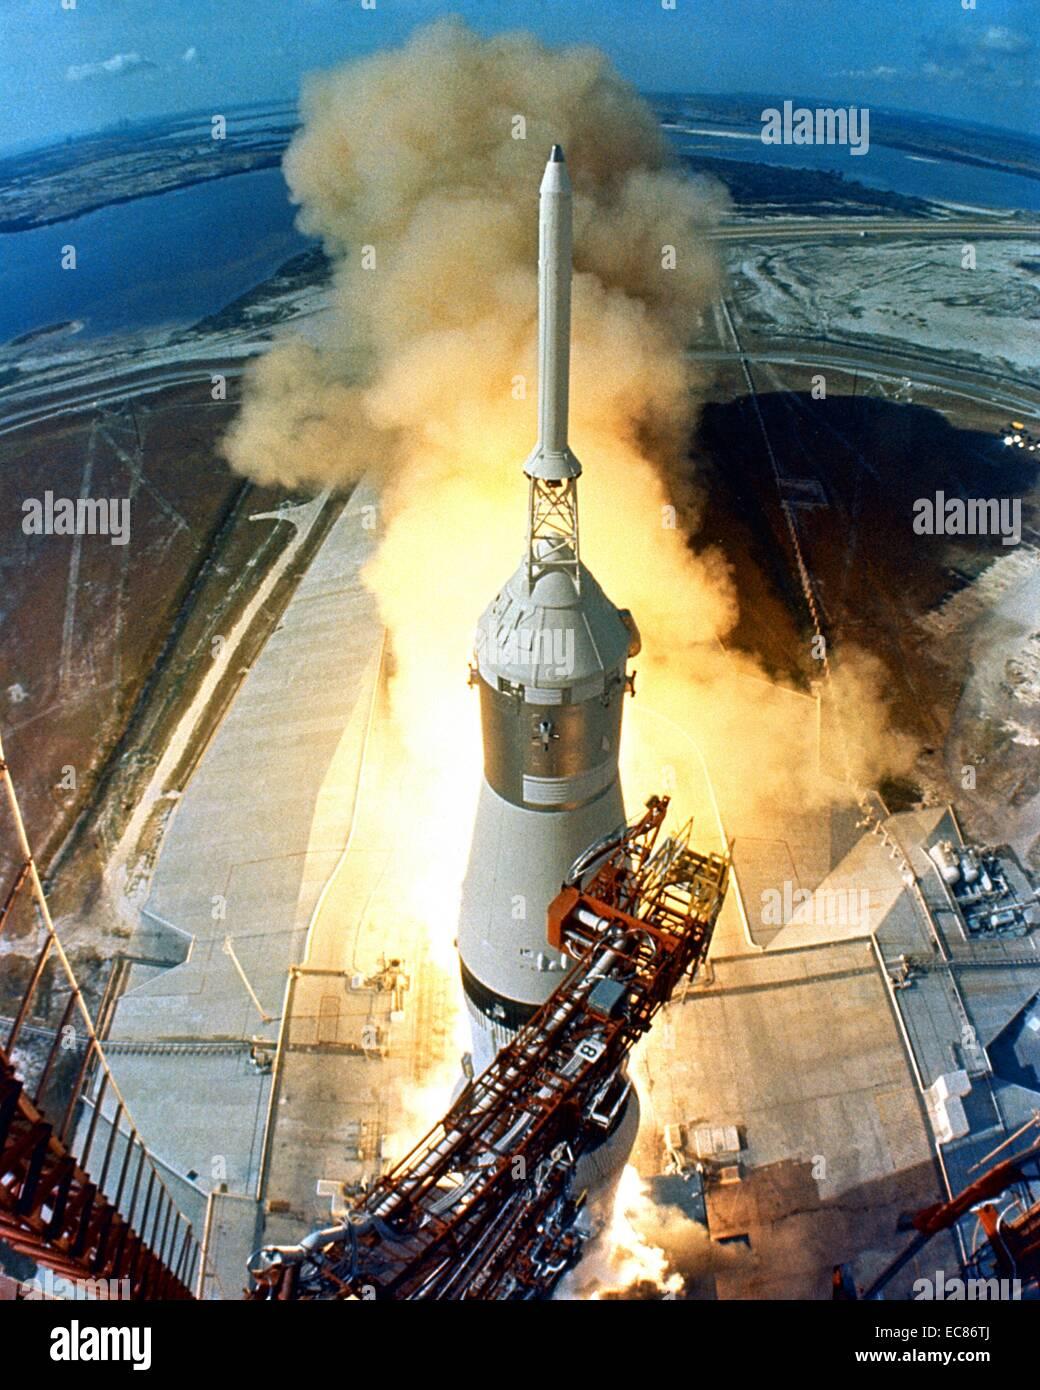 Fotografia dell'Apollo 11 volo spaziale lanciato da un Saturn V rocket dal Kennedy Space Center di Merritt Island, Florida. Datata 1969 Foto Stock